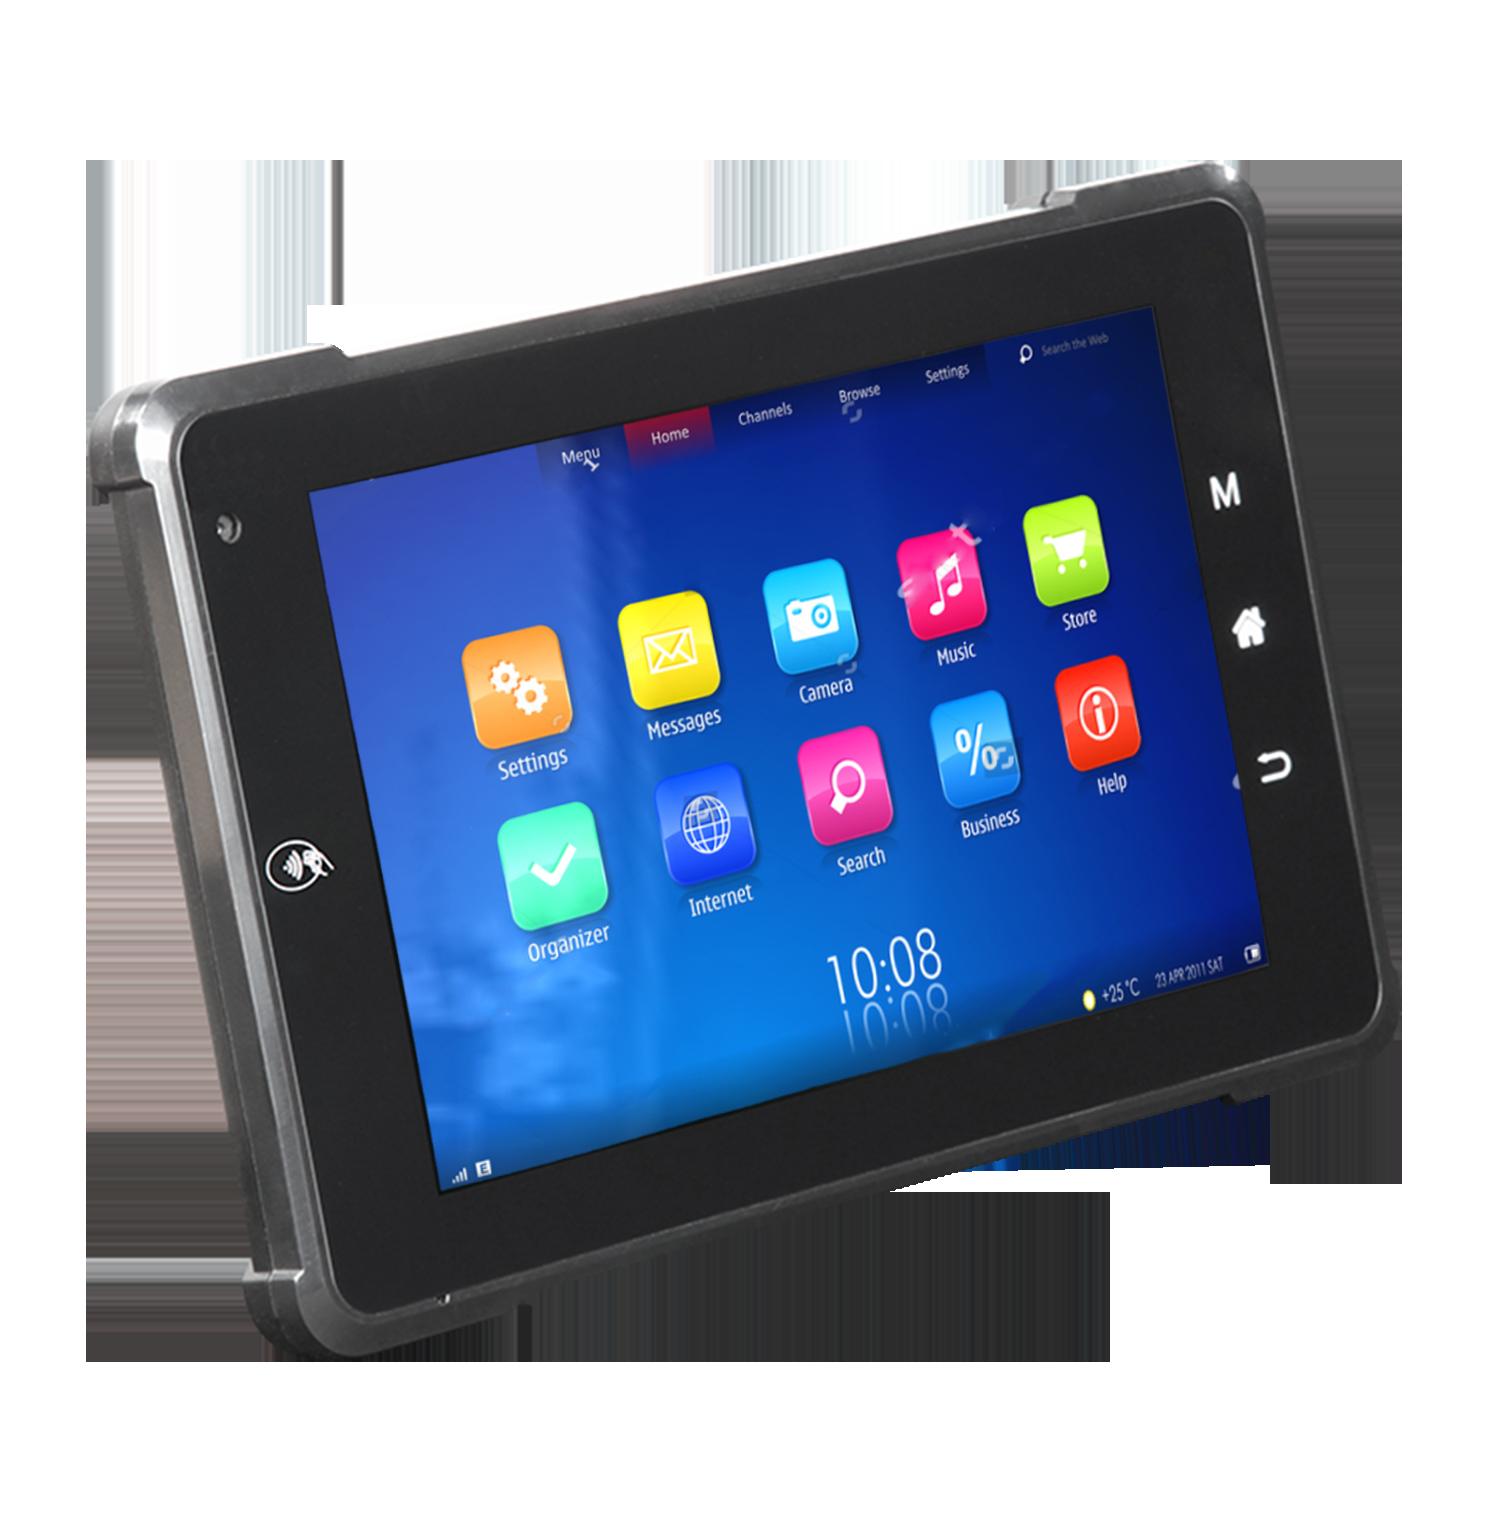 Купить Android 4,4 С Защитой Ip66 Планшетный Пк оптом из Китая